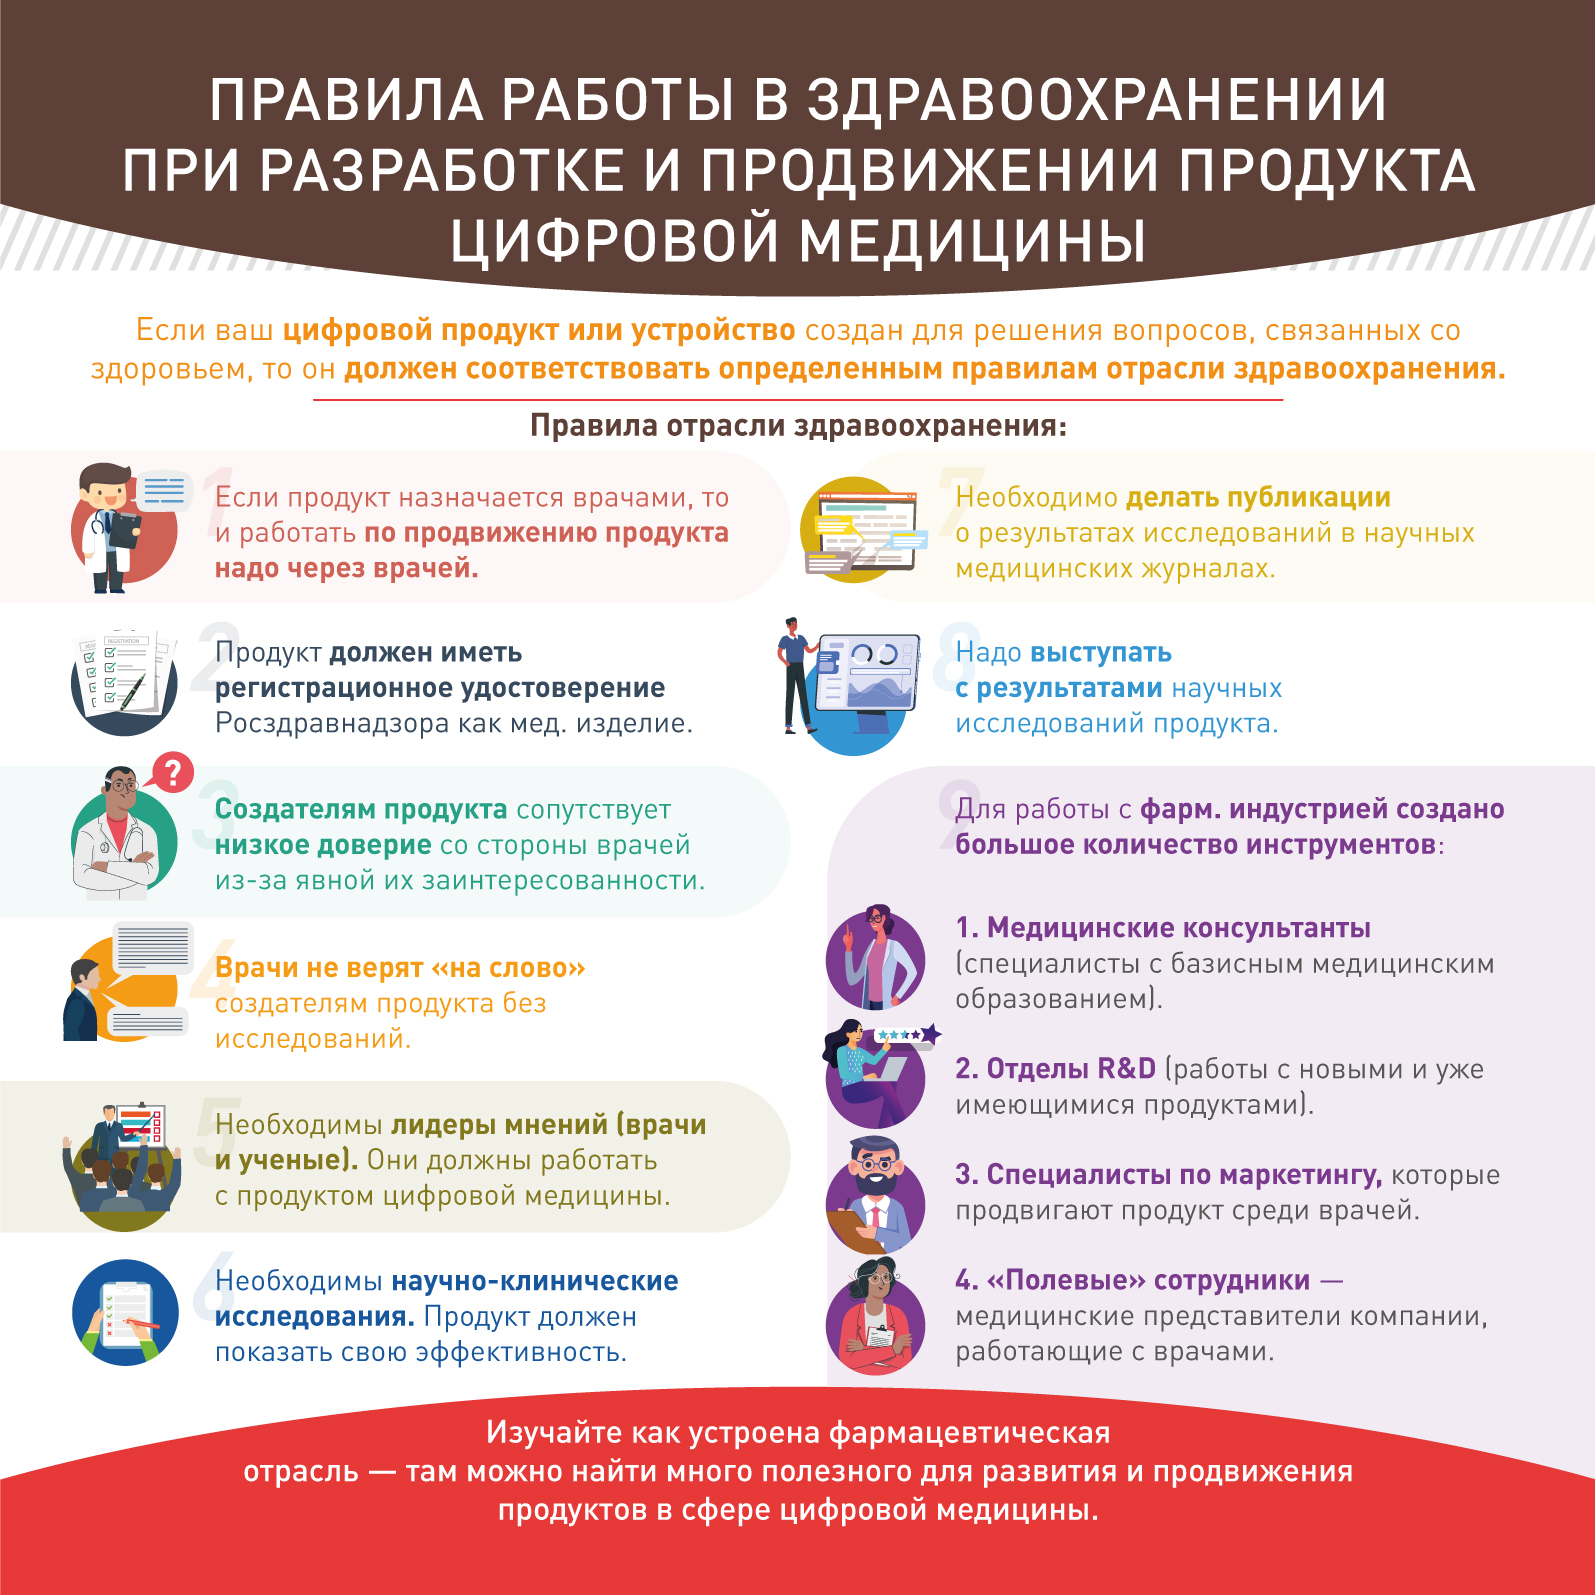 Правила работы в здравоохранении при разработке и продвижении продукта цифровой медицины